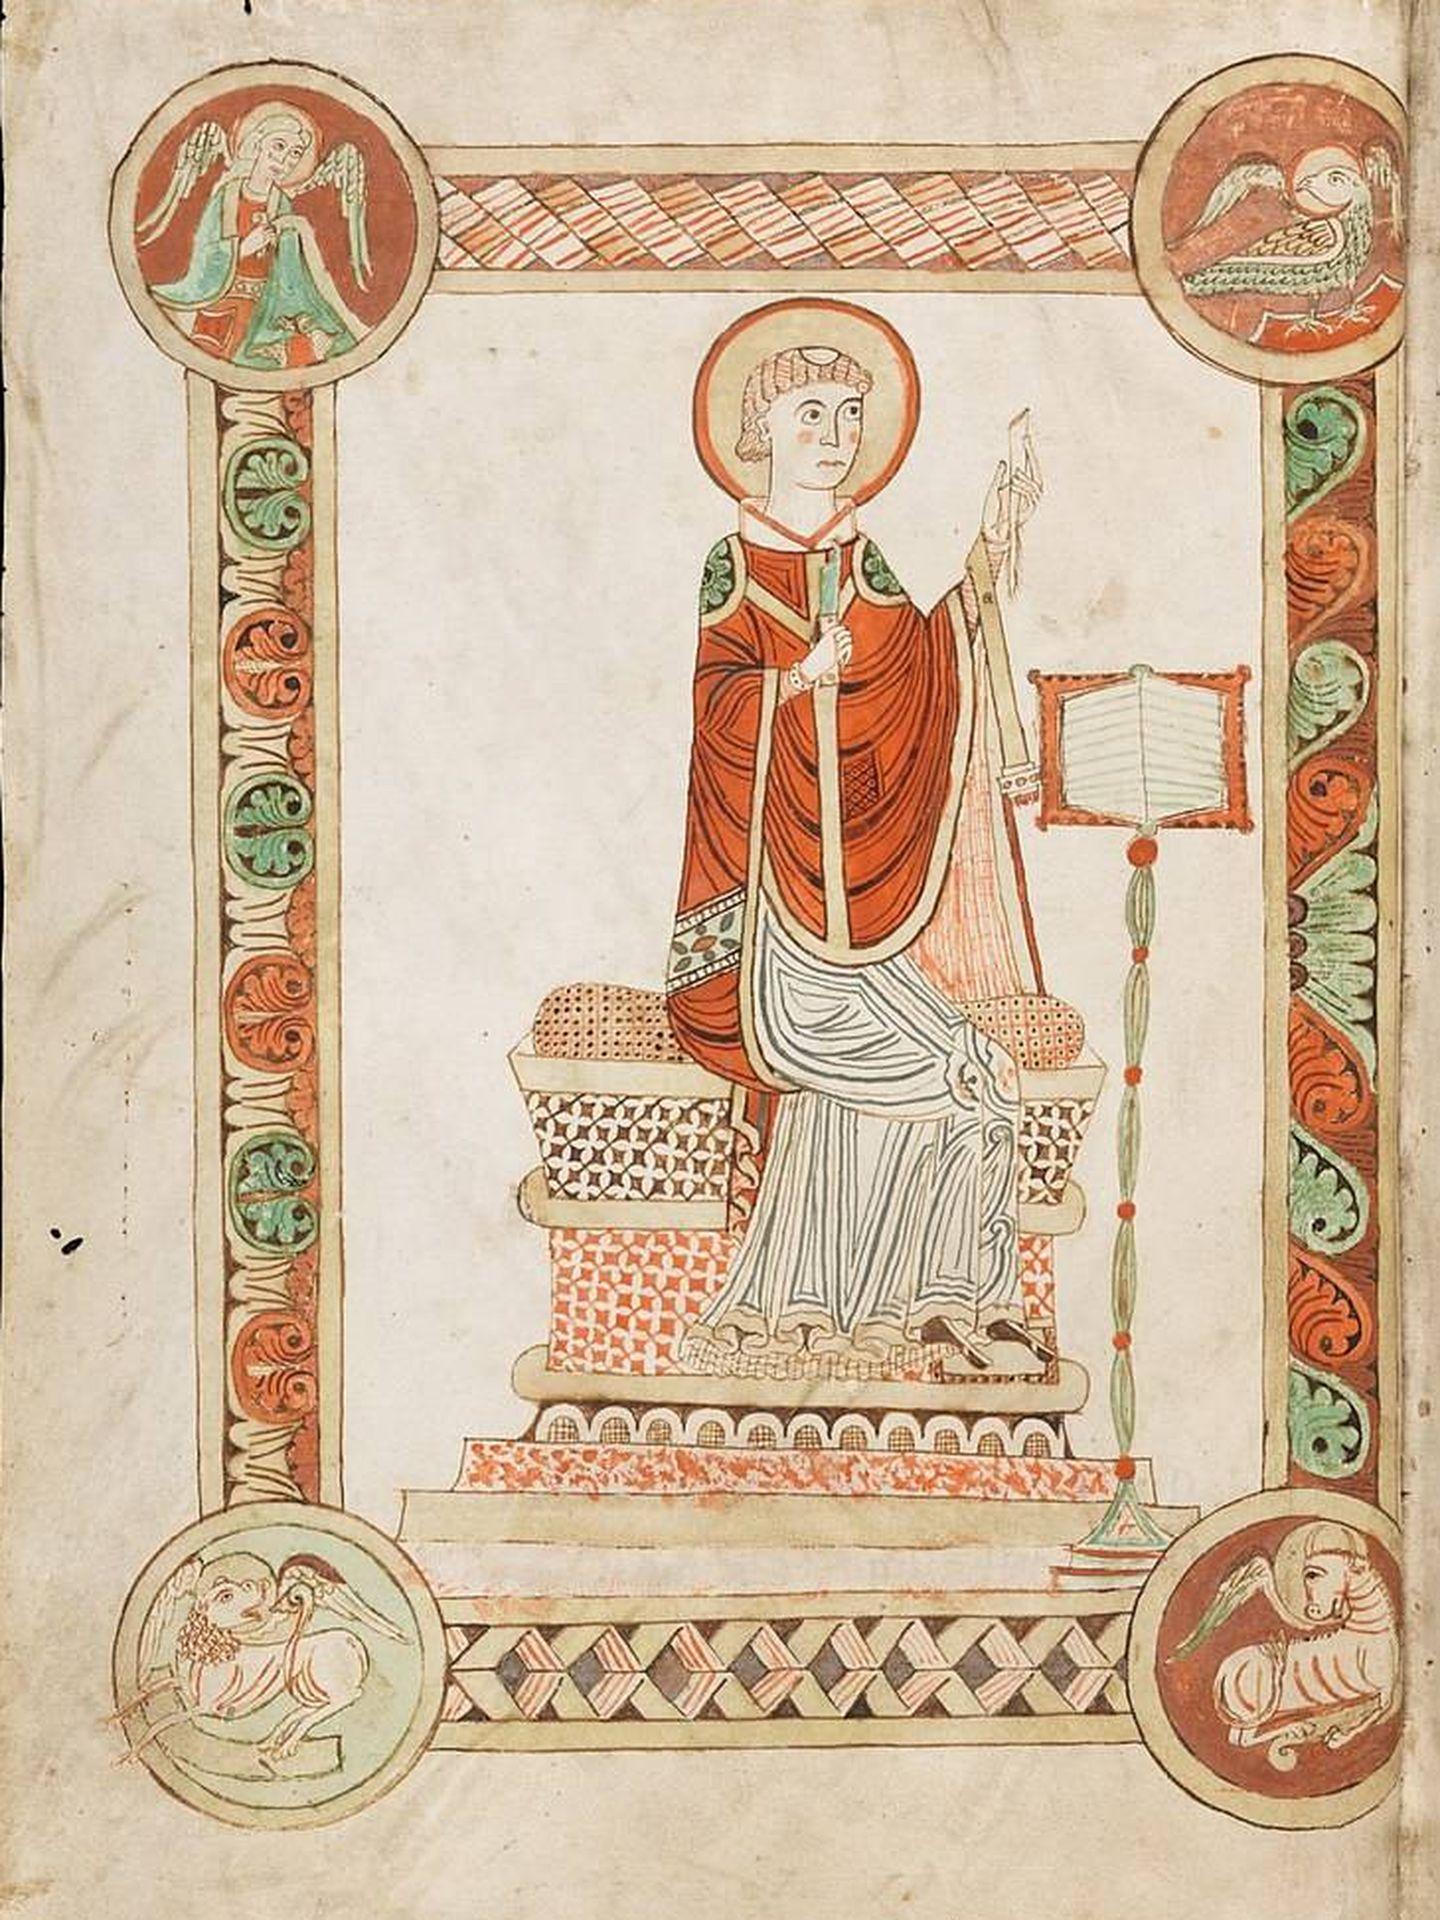 Beda escribiendo la Historia eclesiástica del pueblo inglés, ilustración de un códice en la abadía de Engelberg en Suiza. (CC)